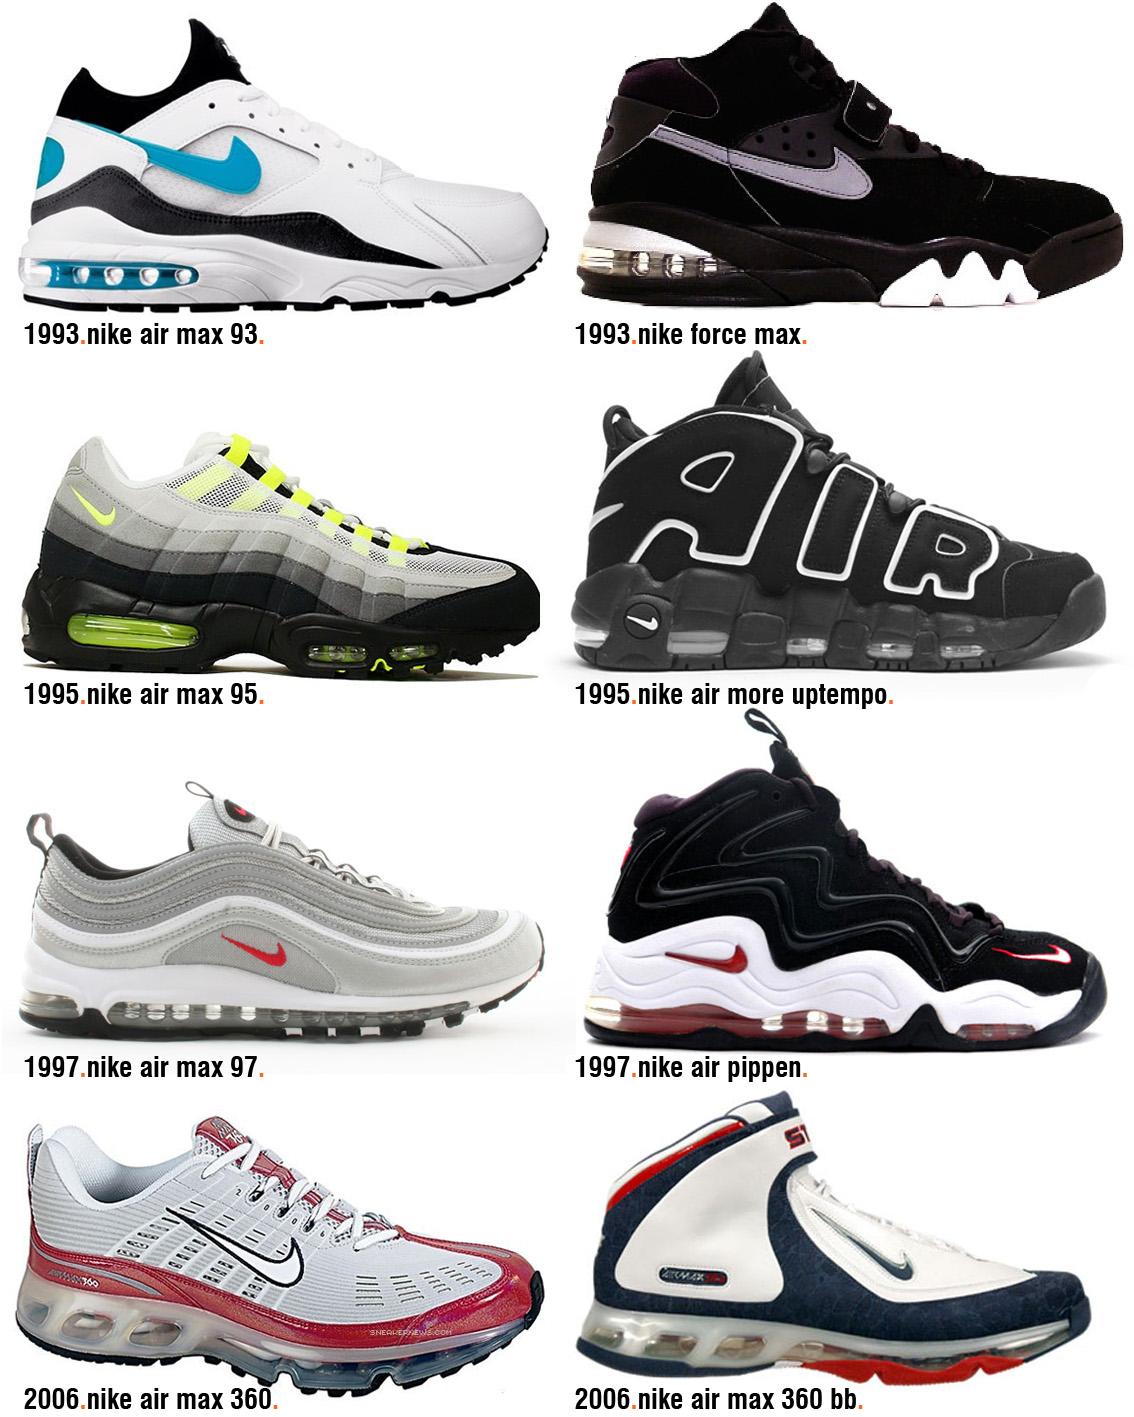 nike air max 360 2006 on feet